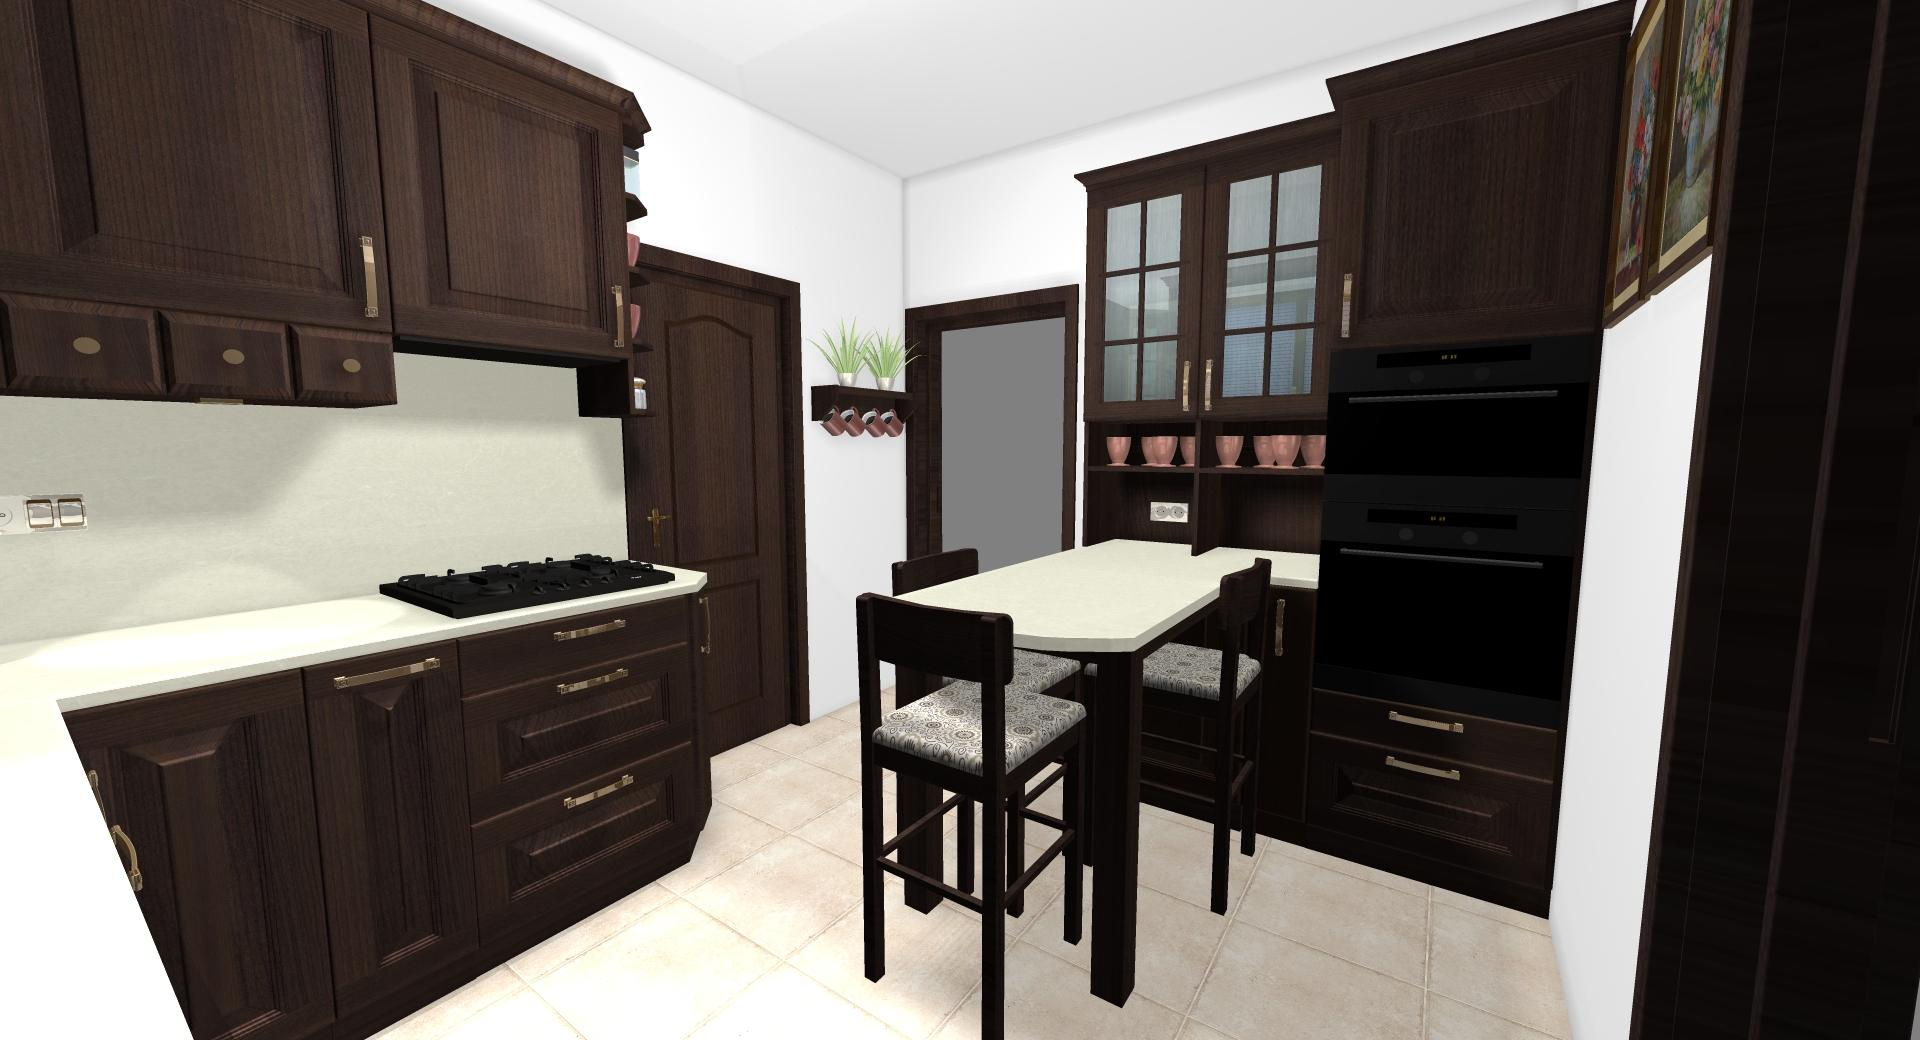 Grafické návrhy kuchynských liniek 2020 - Grafický návrh kuchynskej linky do rodinného domu v rustikálnom štýle - obr.7